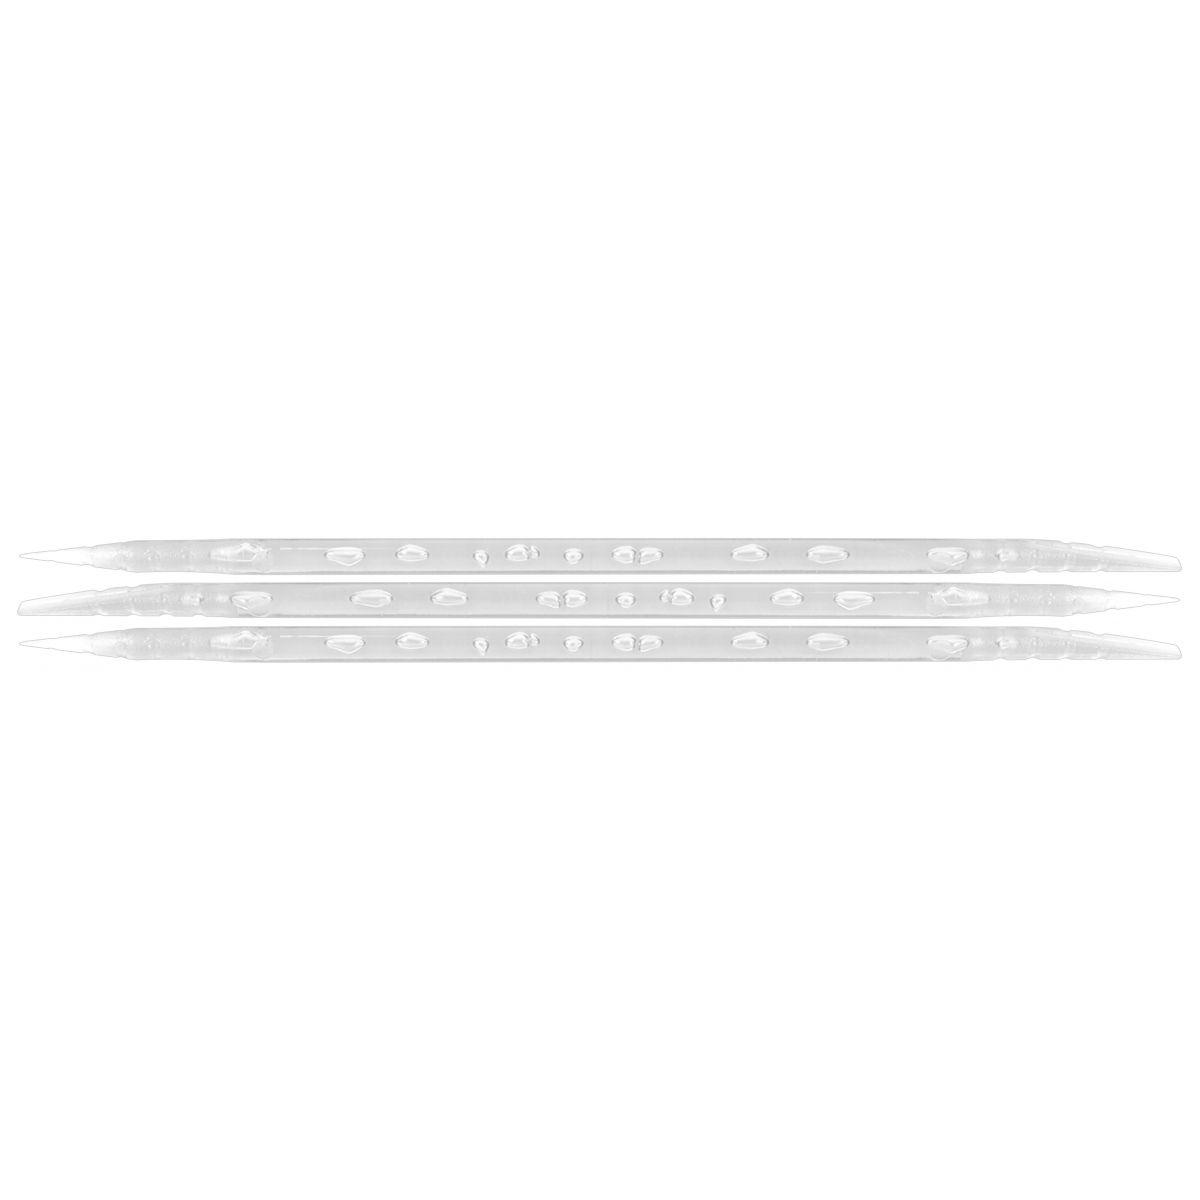 Palito Pl�stico Transparente Para Manicure Descart�vel 100 Unidades